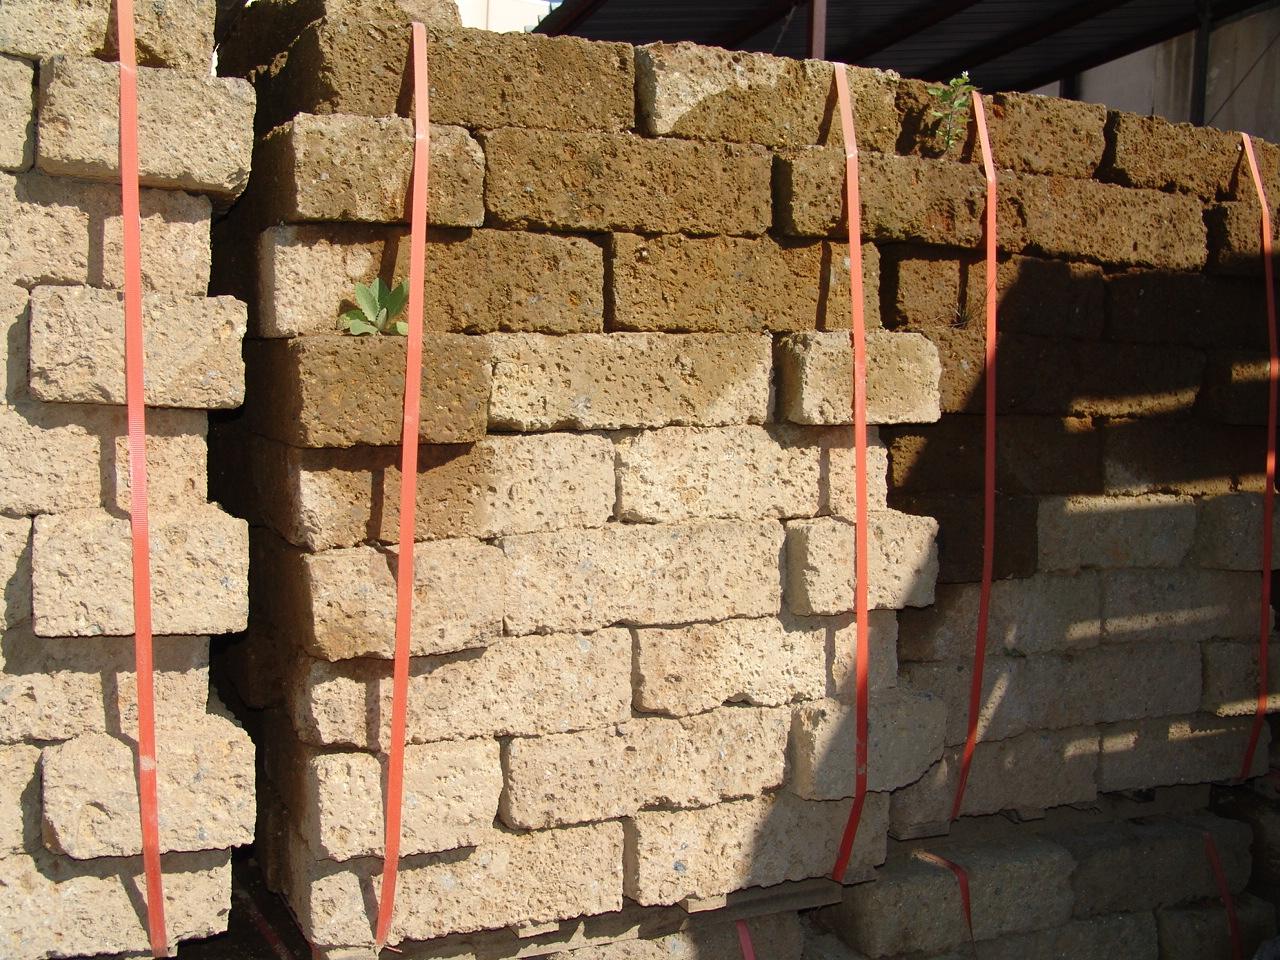 Piastrelle per muri interni pietre per muri esterni con gallery